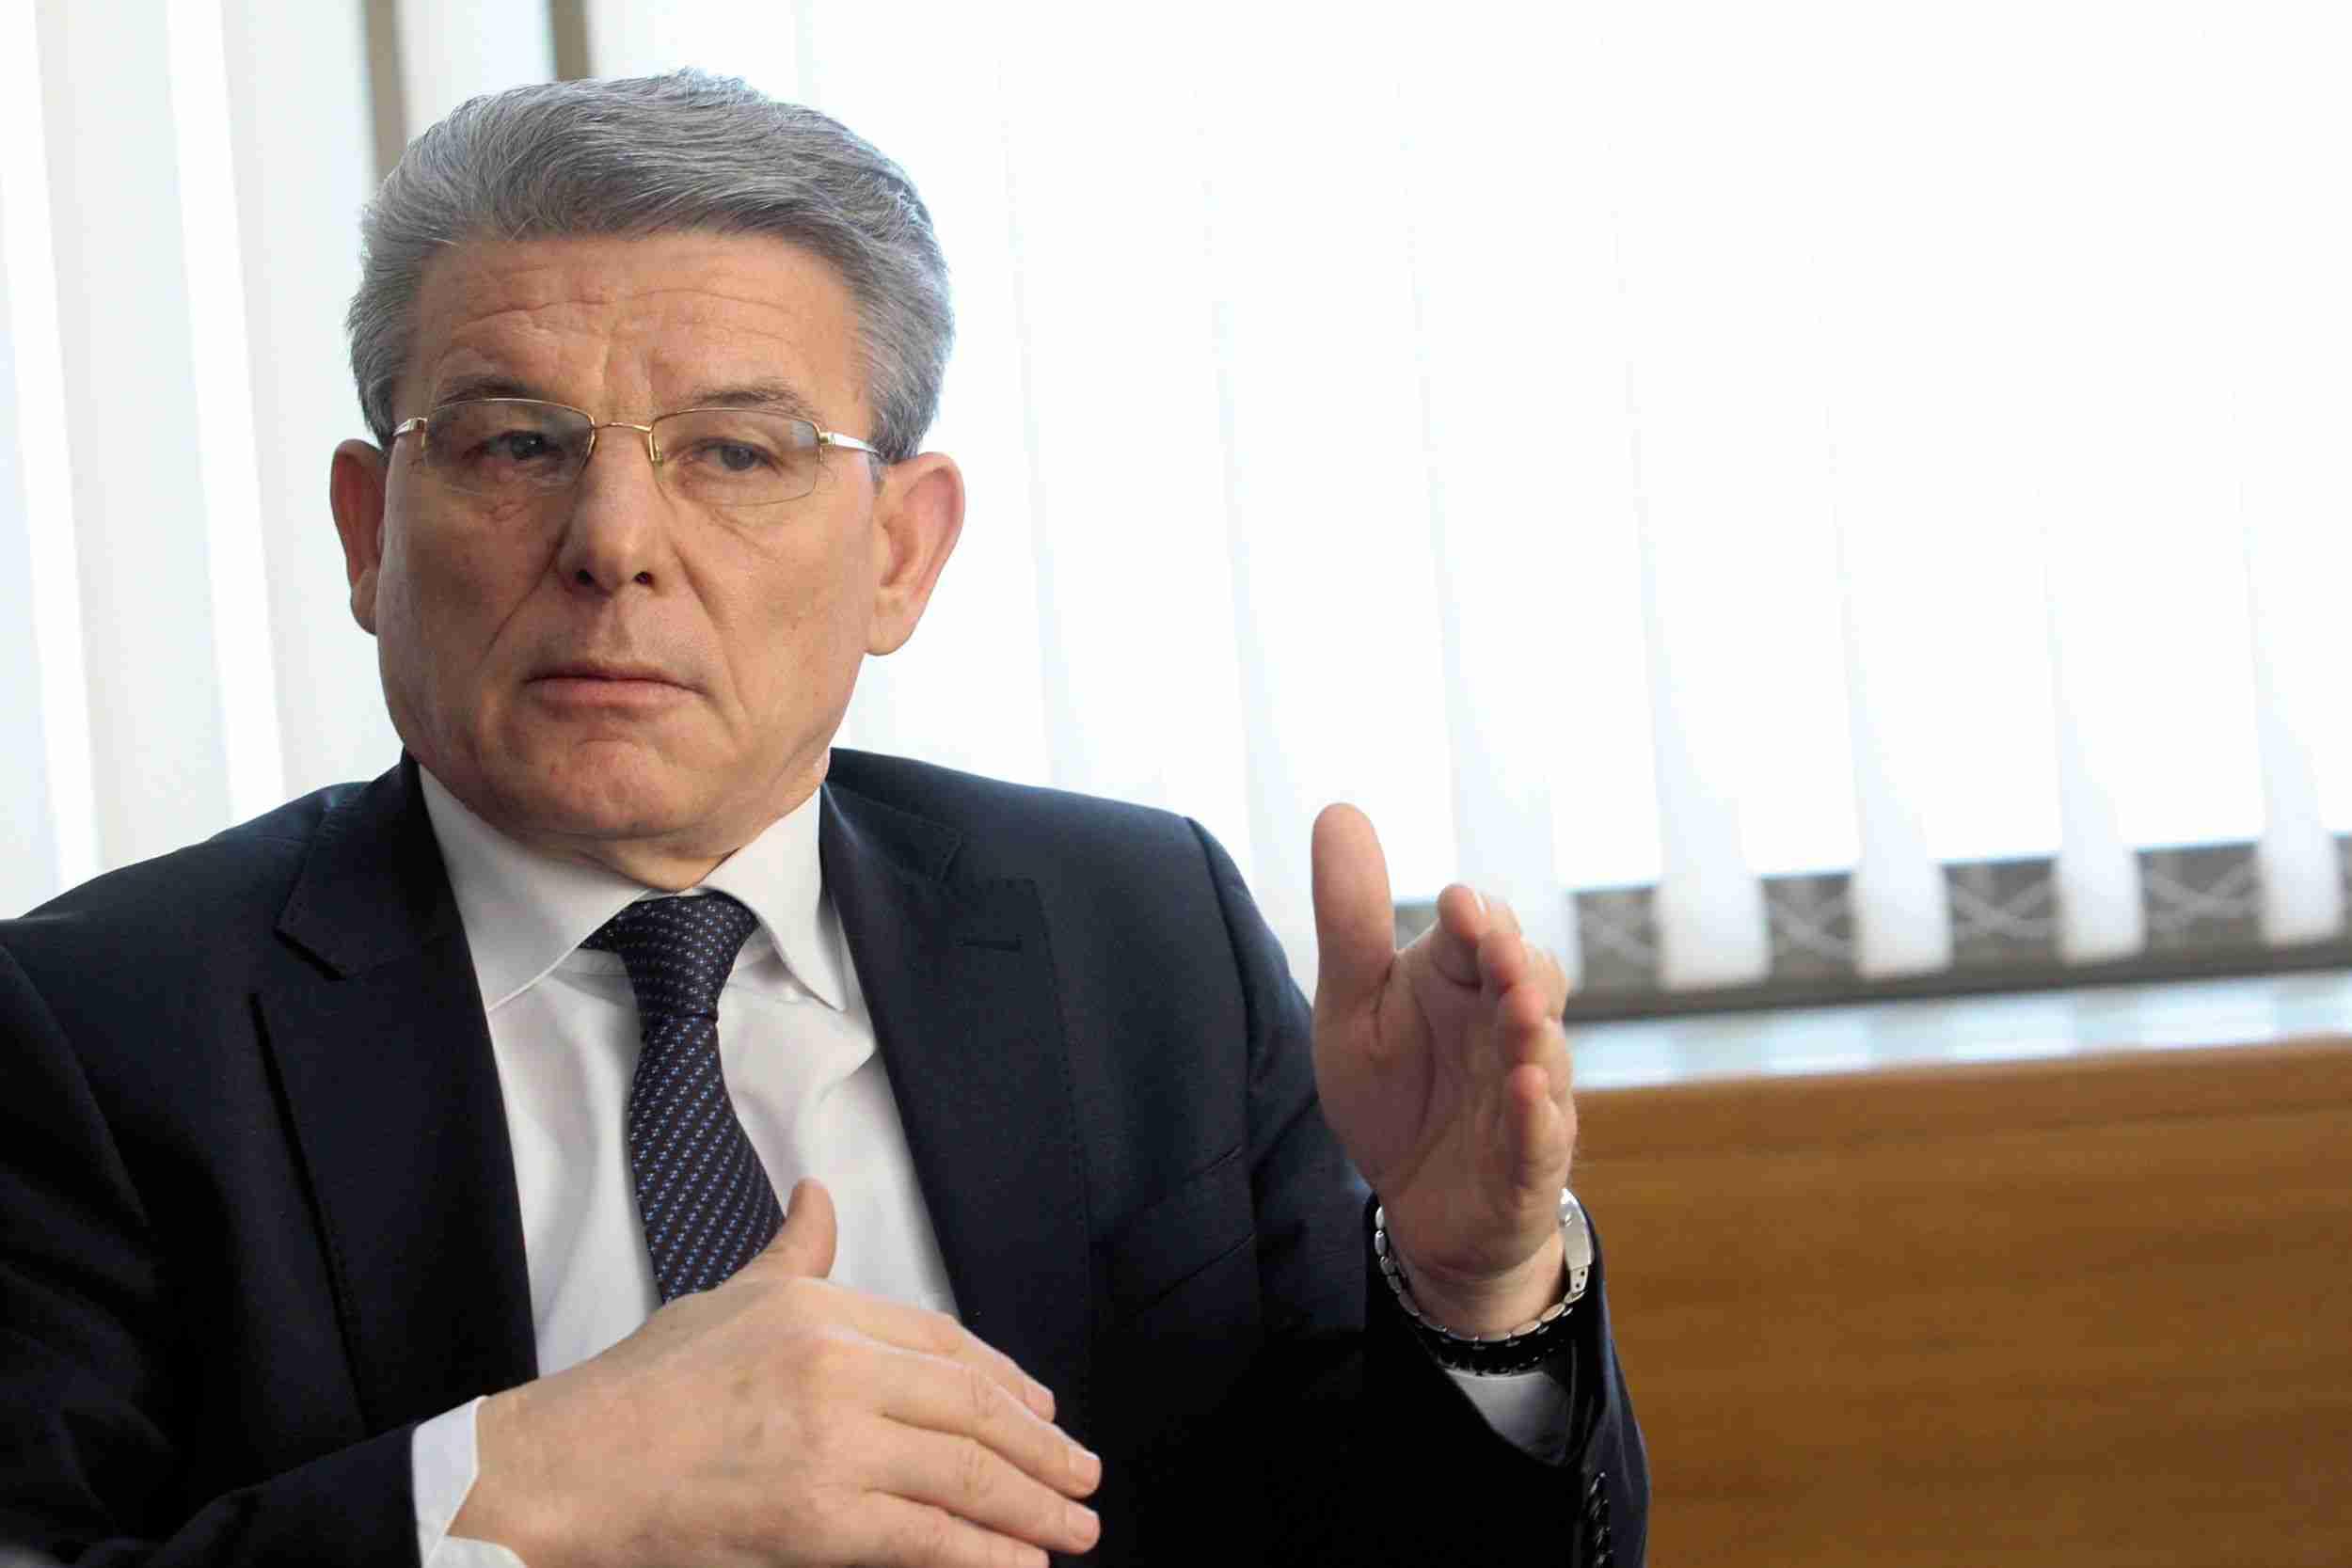 džaferović: sda ne blokira formiranje novih vlasti, naprotiv (video)